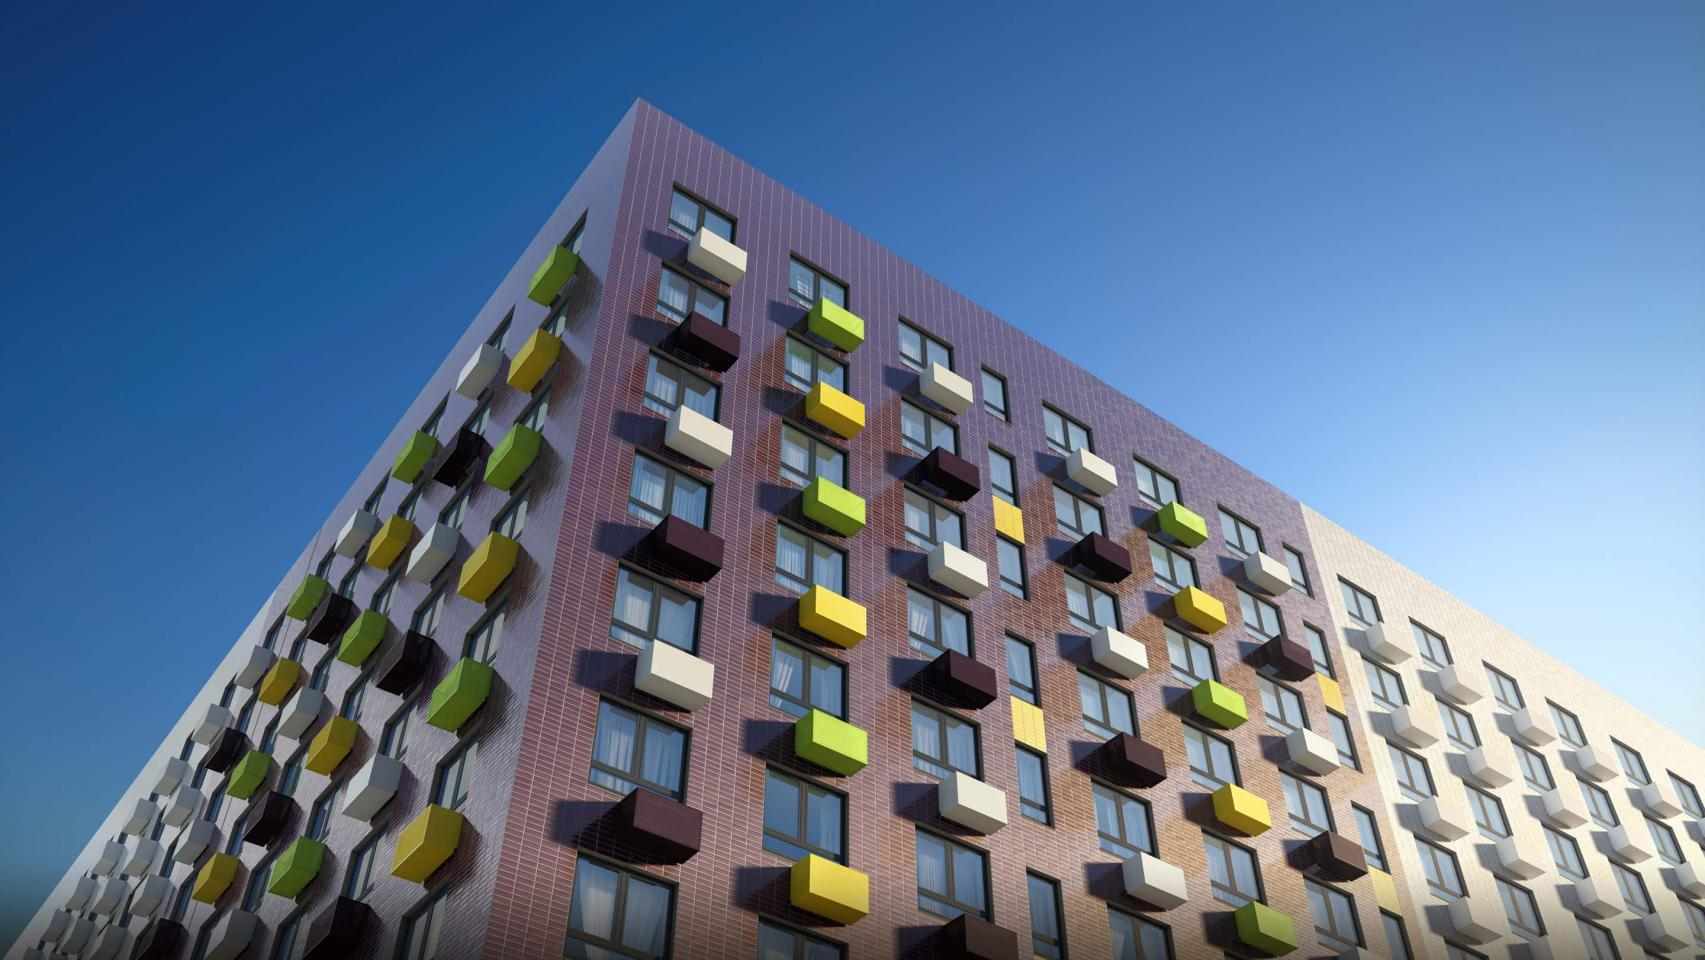 В жилом комплексе «Волжский парк» возведут еще 2 корпуса